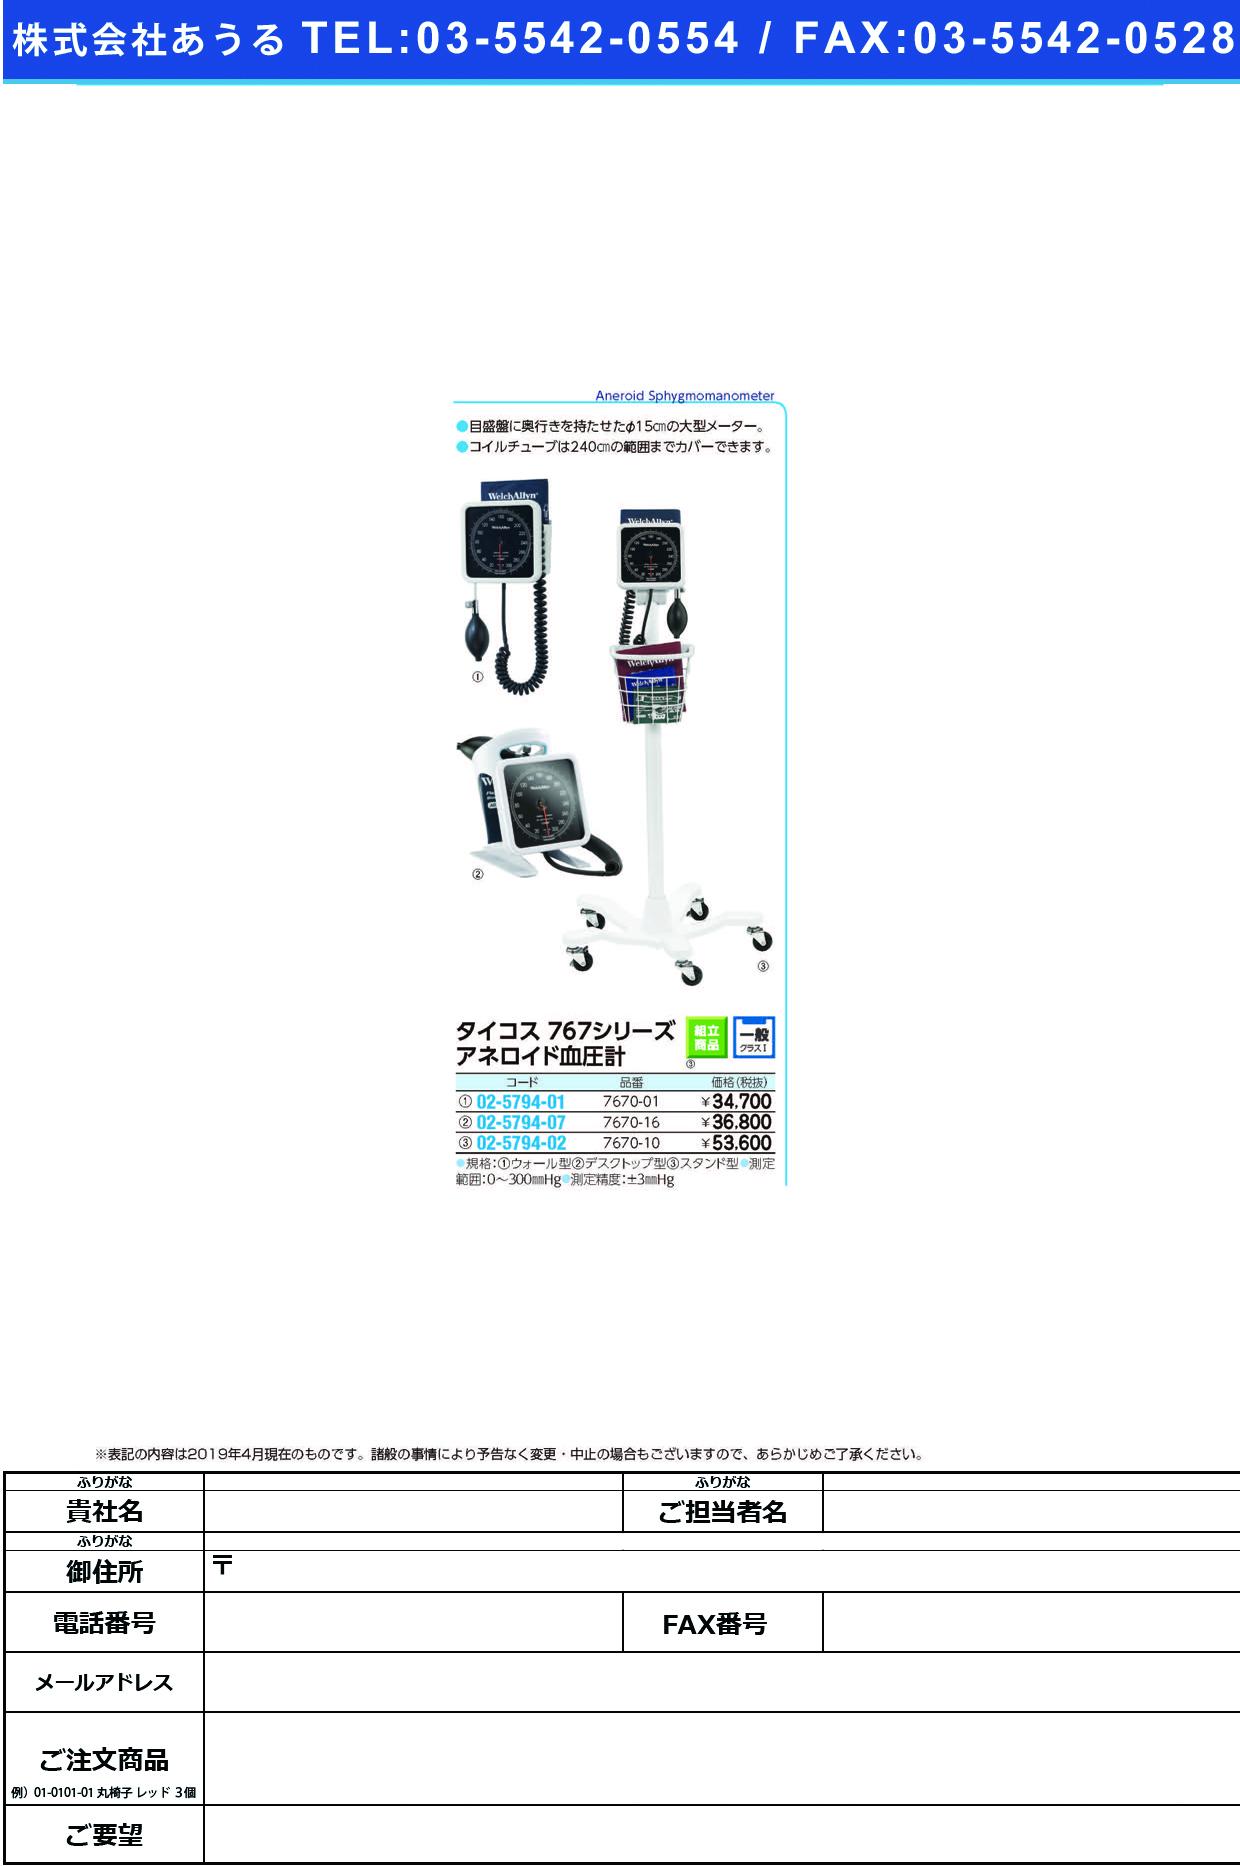 (02-5794-01)タイコス血圧計ウォール型 7670-01 タイコスケツアツケイウォールガタ【1台単位】【2019年カタログ商品】